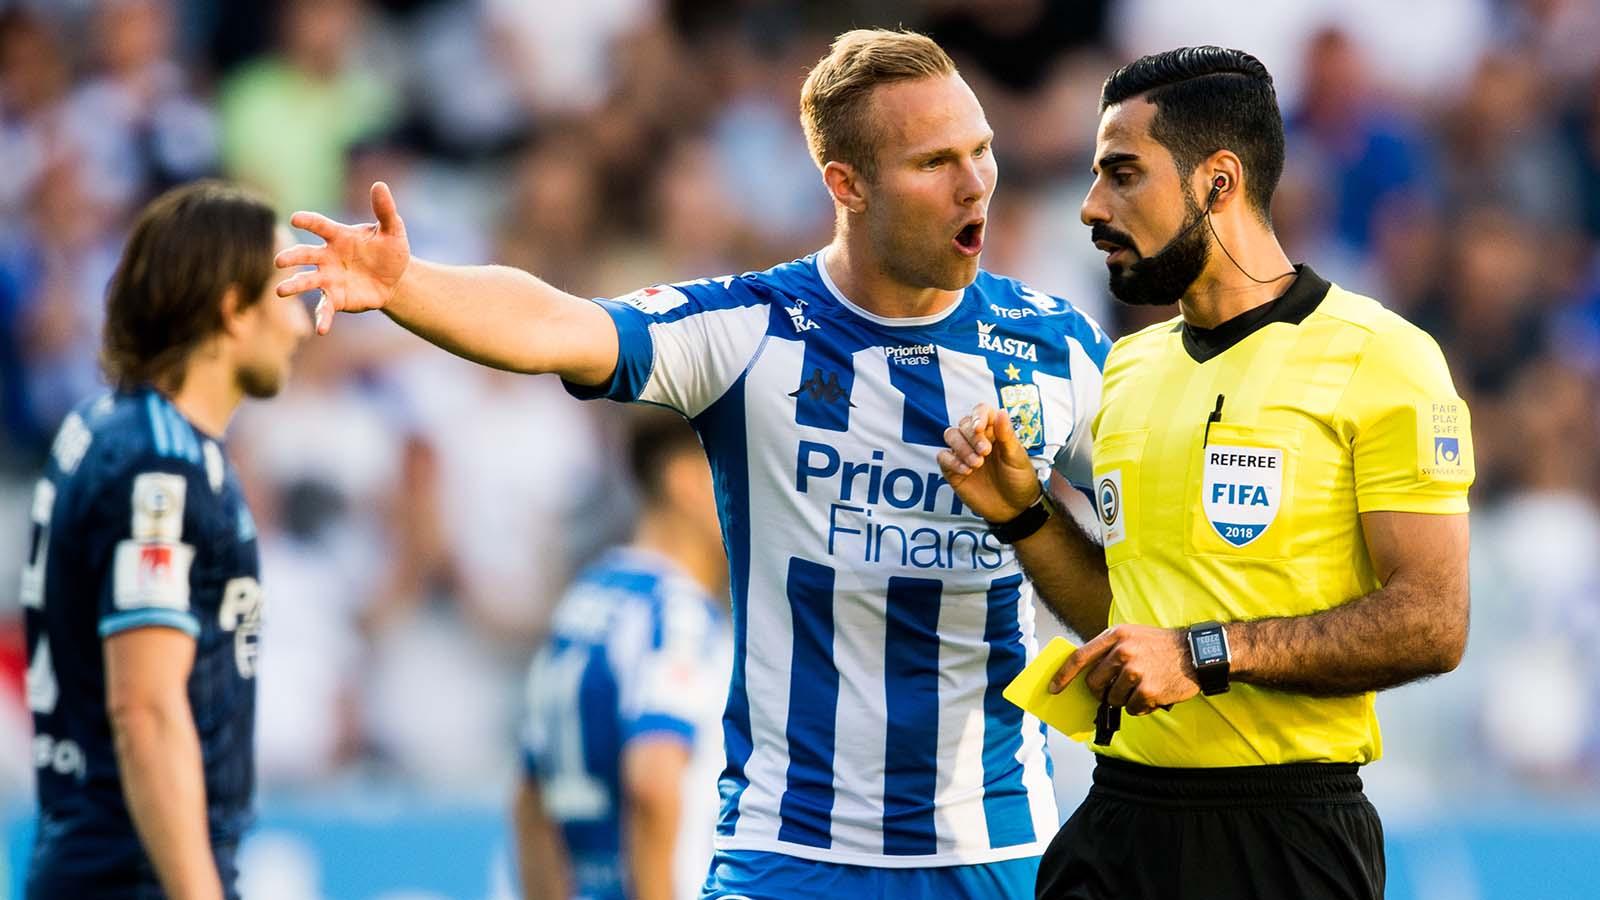 180524 IFK Göteborgs Gustav Engvall i diskussion med domaren under fotbollsmatchen i Allsvenskan mellan IFK Göteborg och Djurgården den 24 maj 2018 i Göteborg. Foto: Carl Sandin / BILDBYRÅN / kod CS / 57999_356